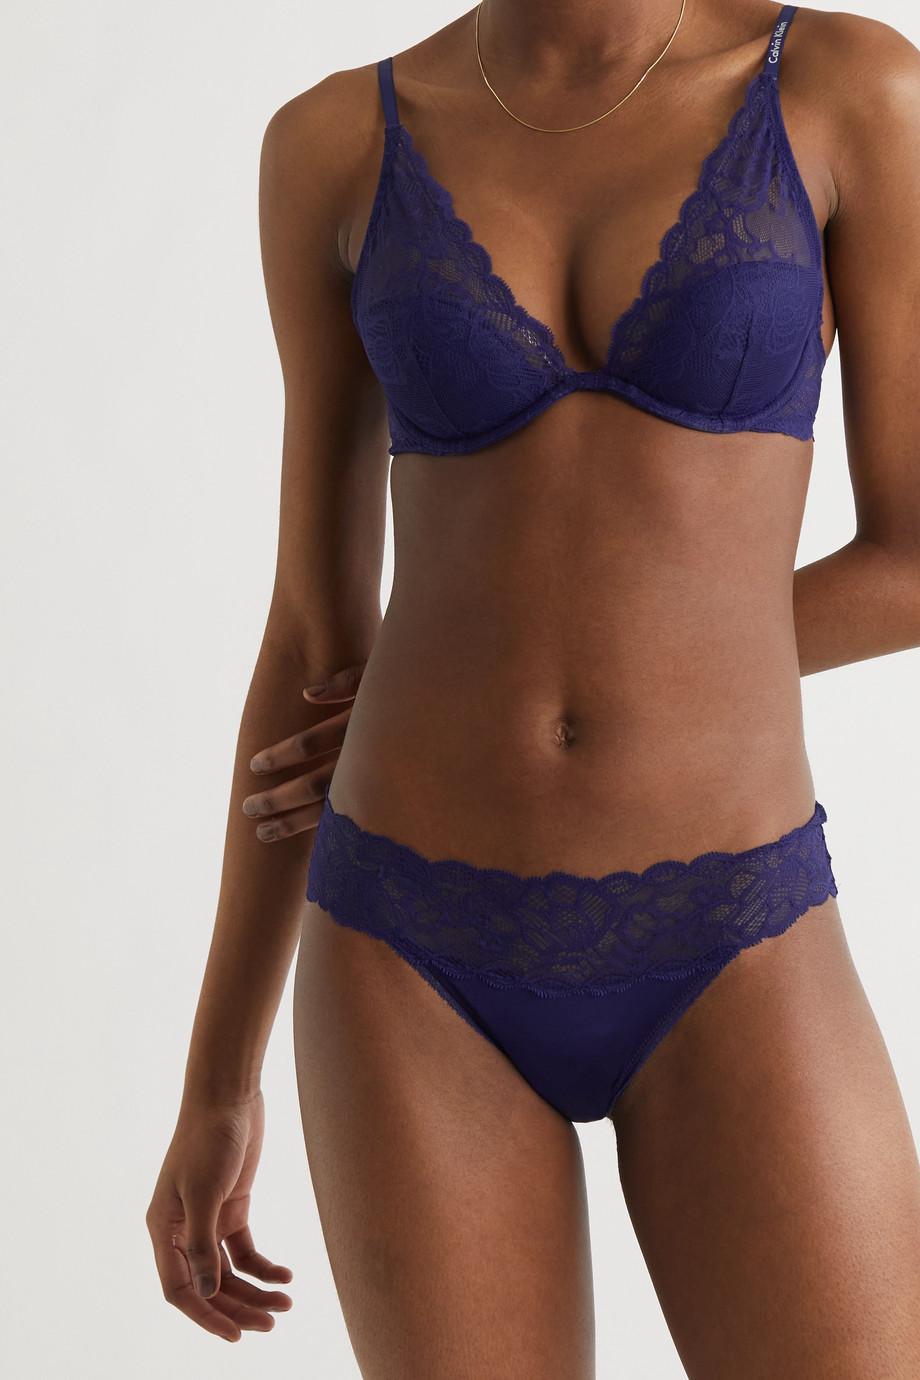 Calvin Klein Underwear Seductive Comfort stretch-lace and jersey briefs